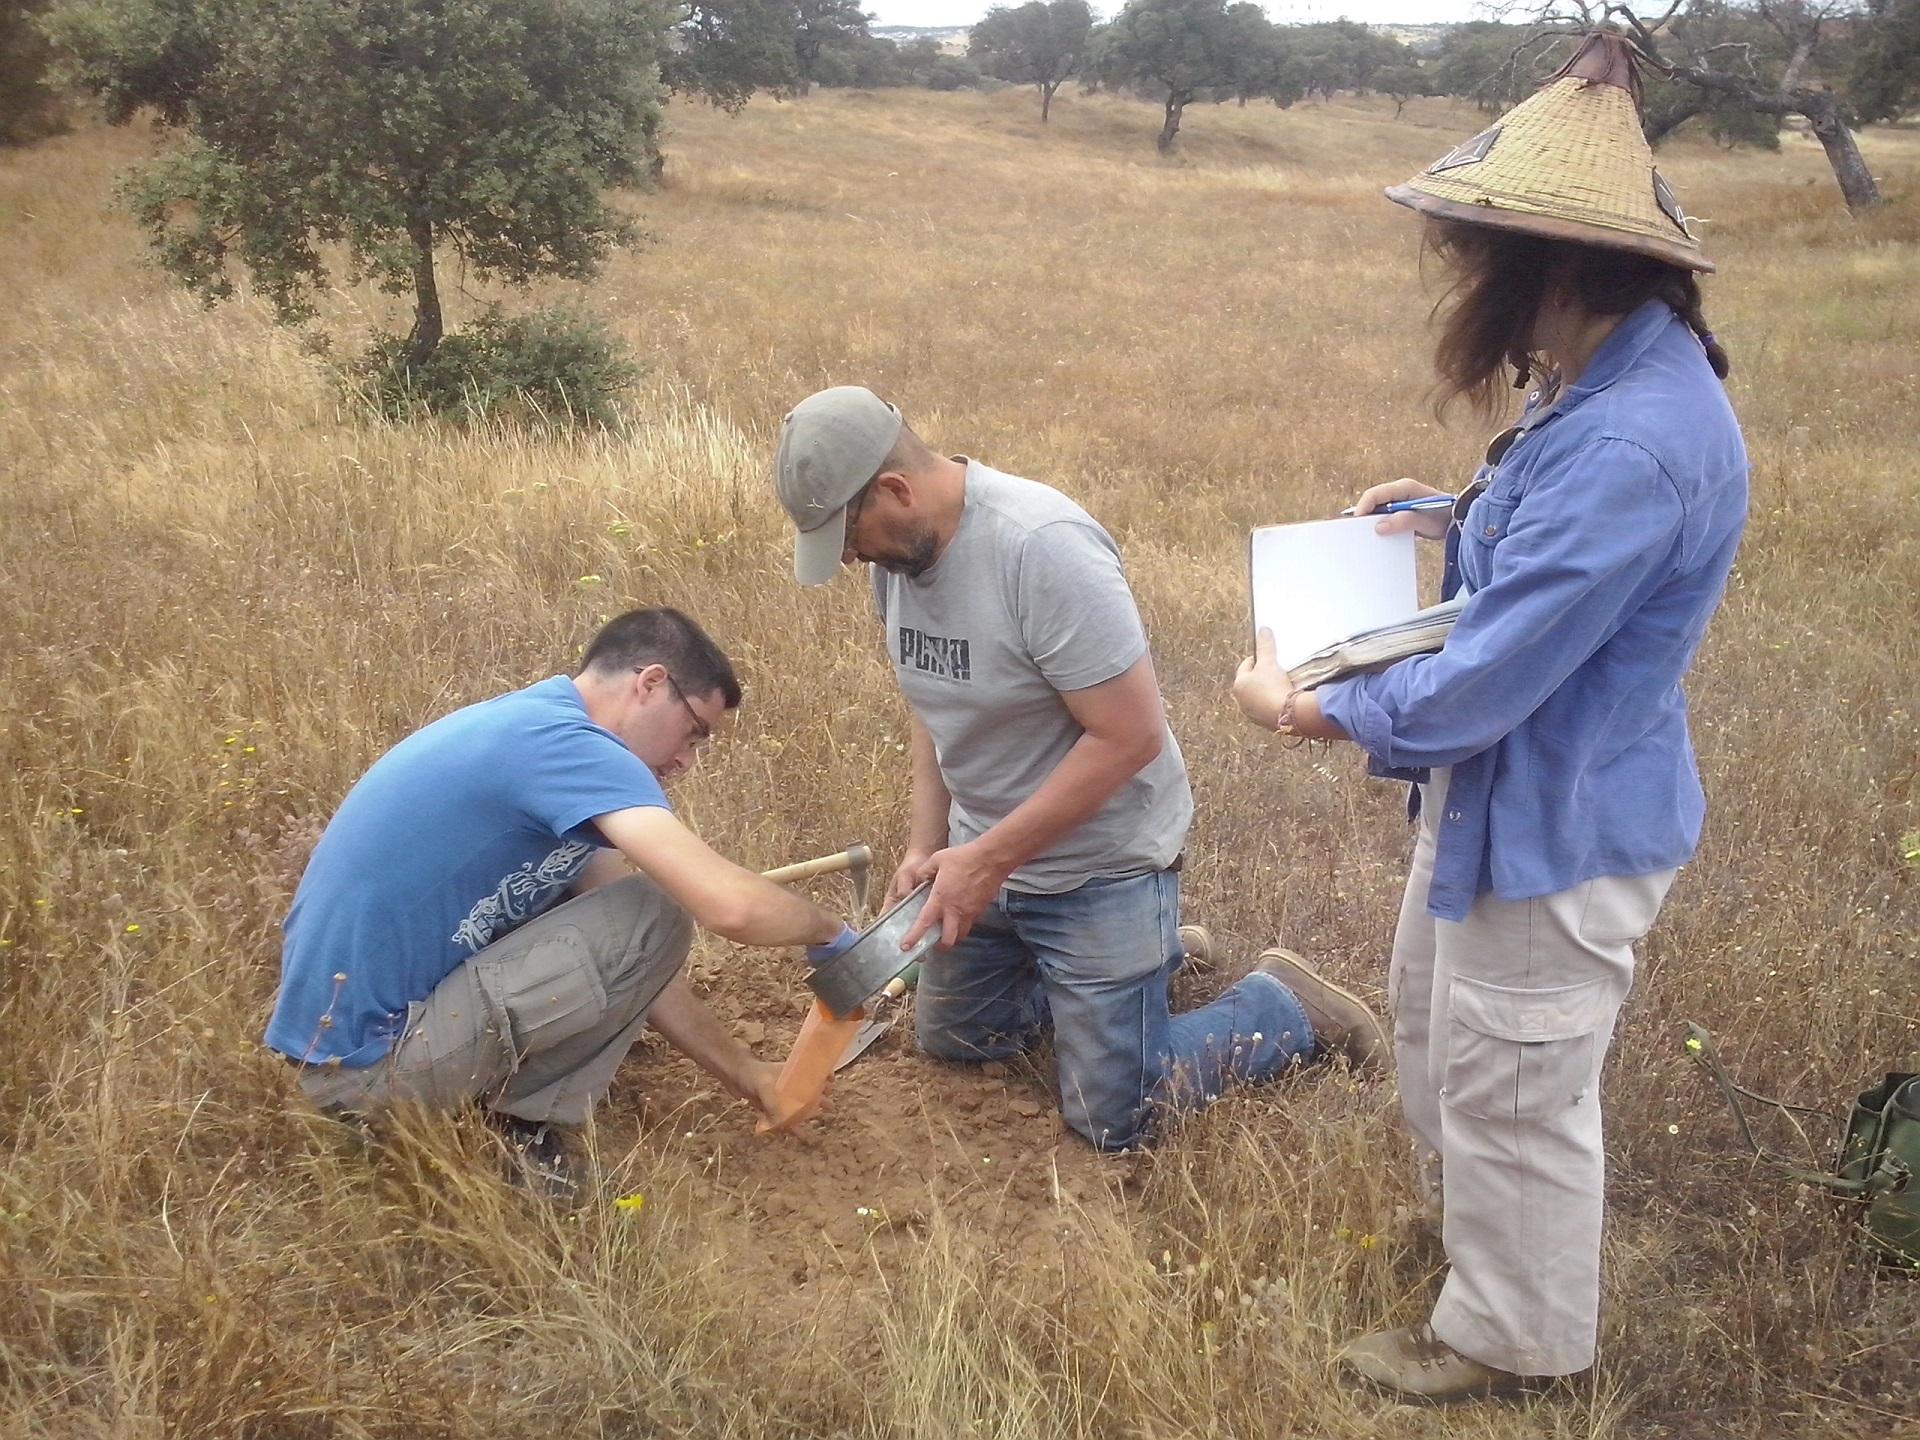 Trabalho de campo, colheita de amostras